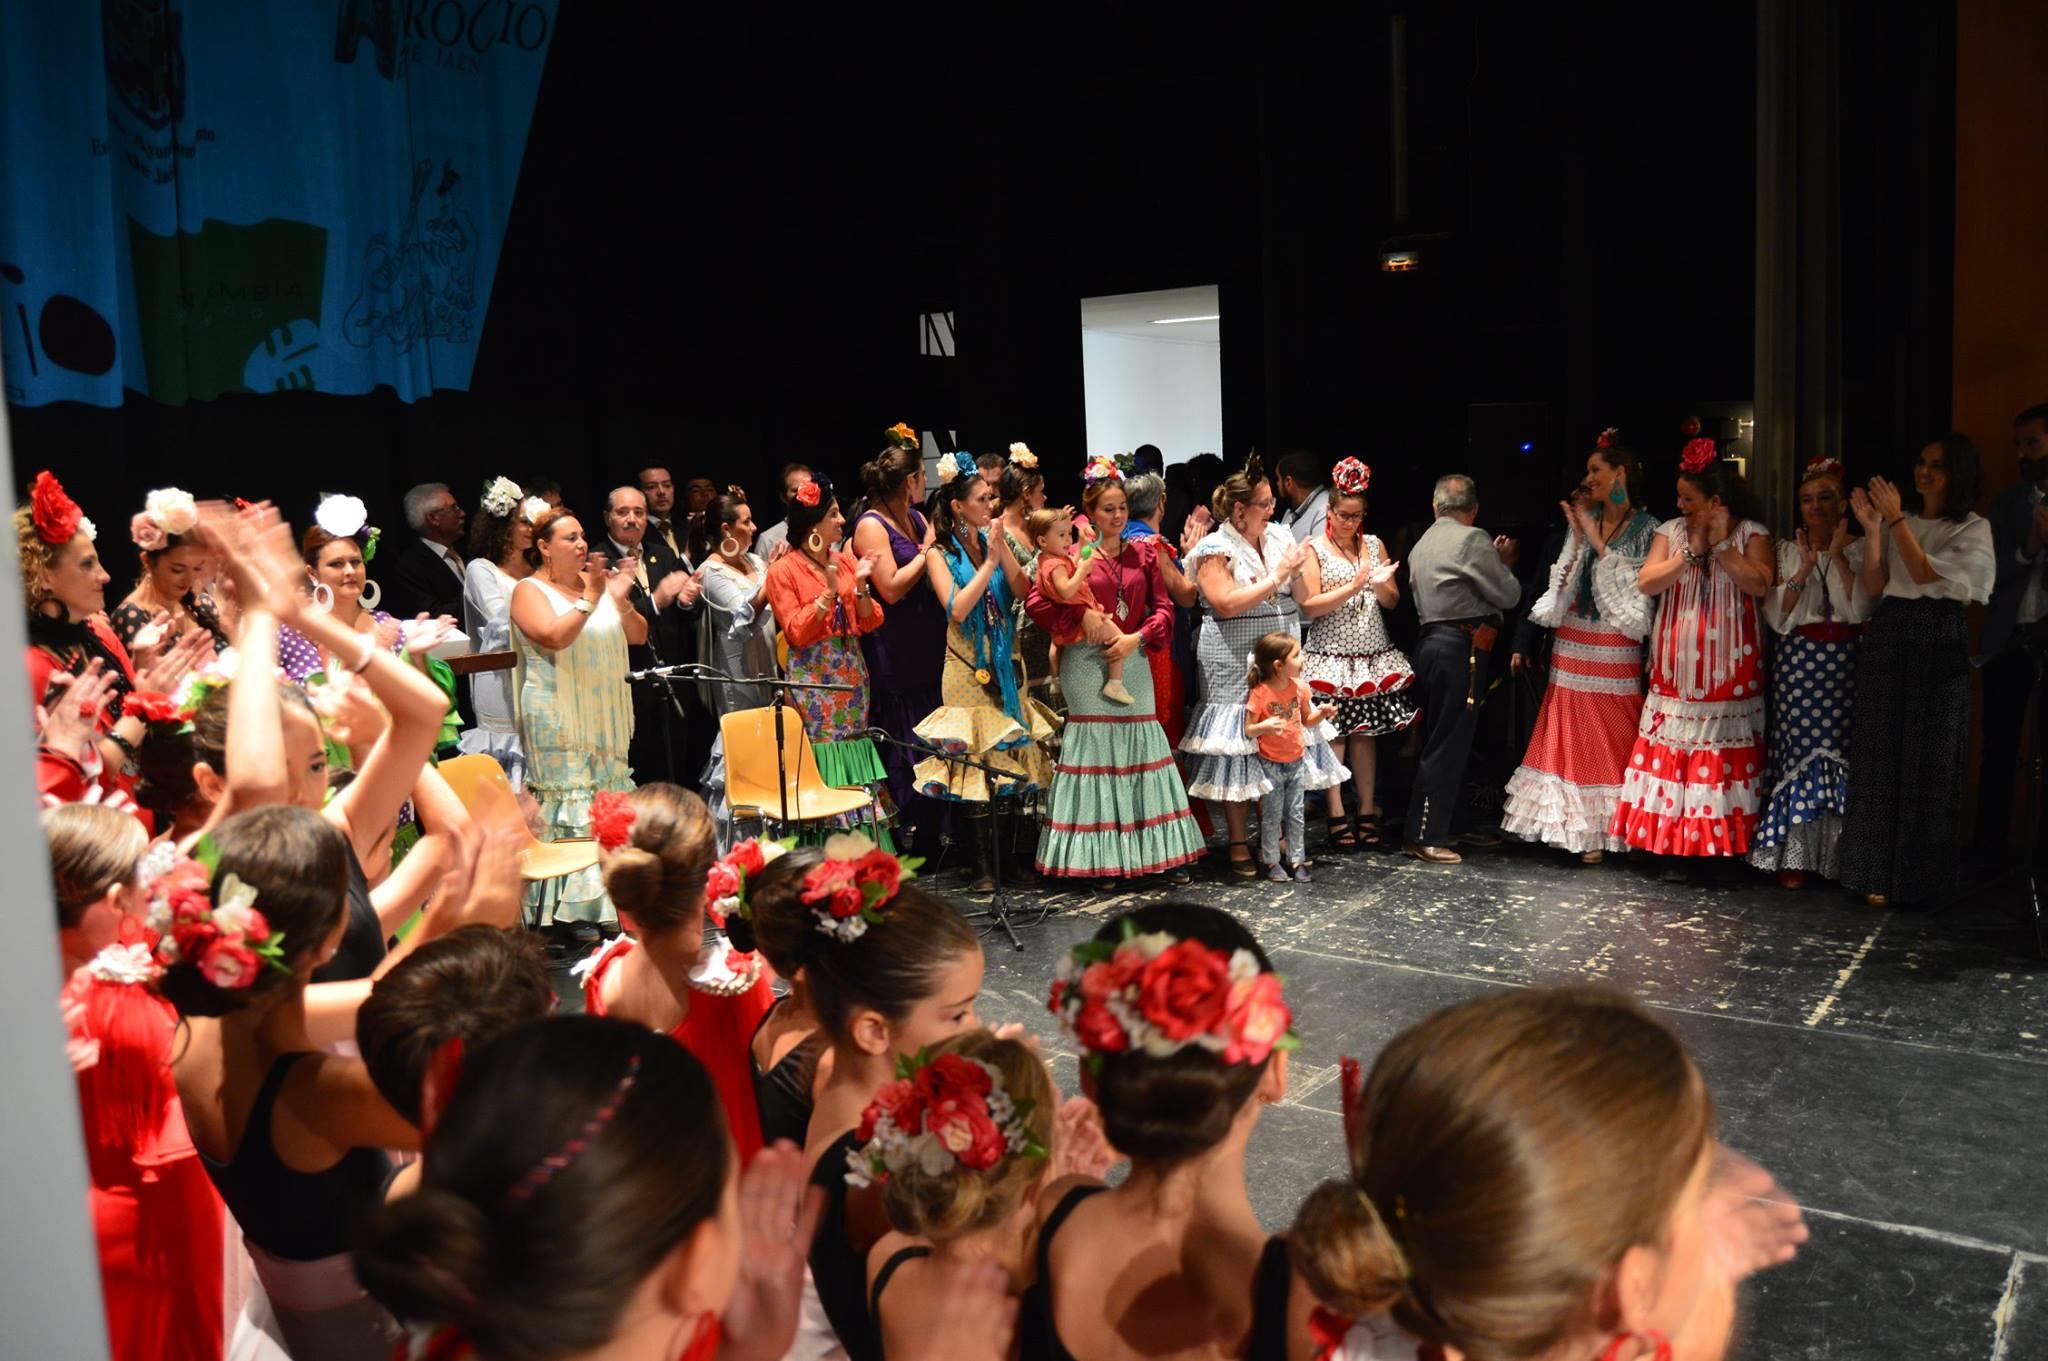 El 22 de octubre, II Certamen de Coros y Danza a beneficio de Aspace Jaén